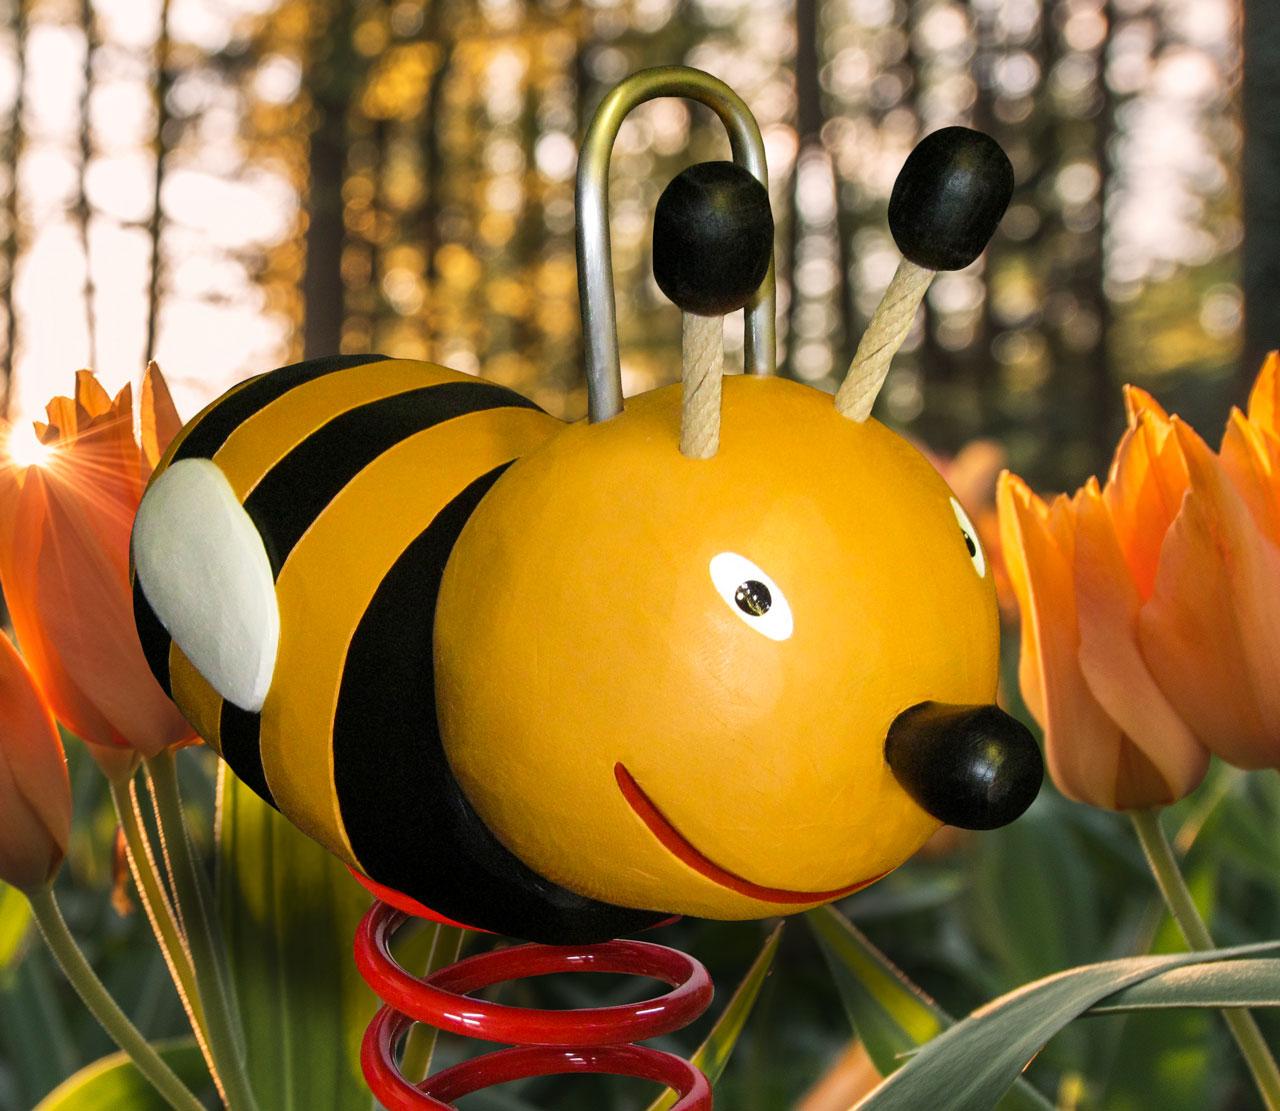 P 15 Federwipper Biene Hummel Bernd | Wackelhummel | Wackelbiene